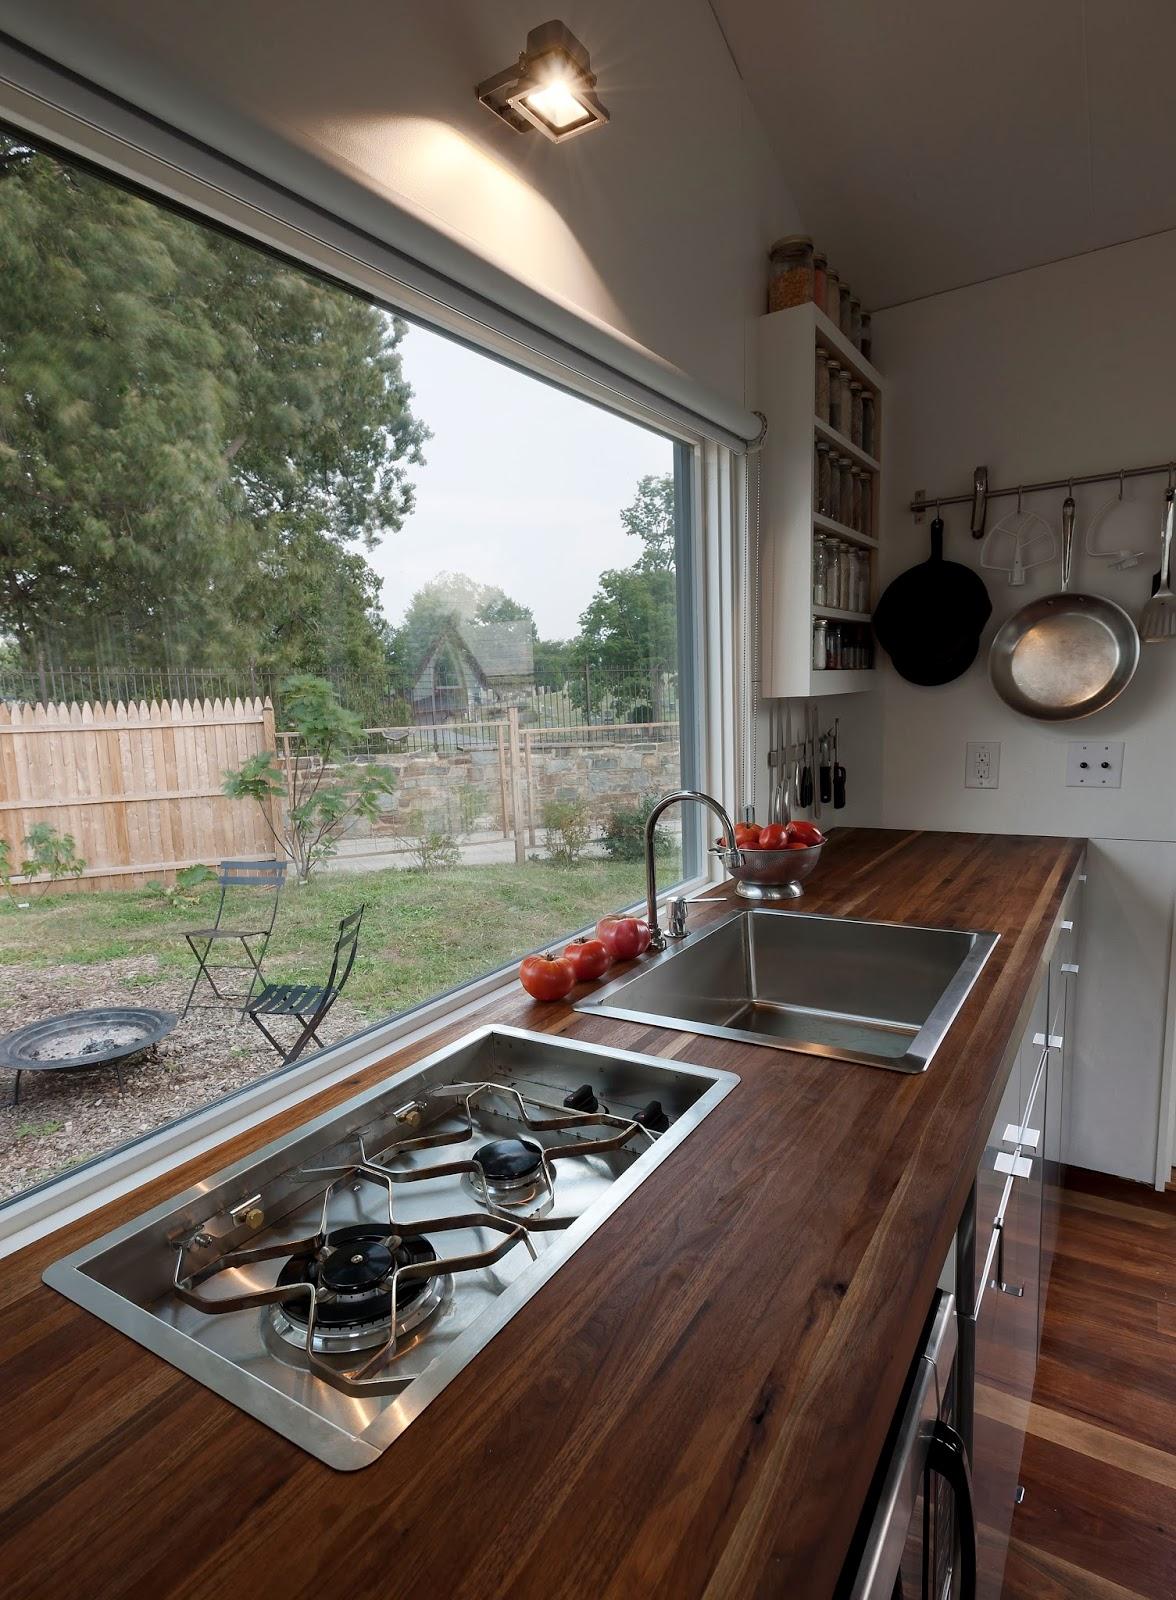 Dobrze mieszkaj 12 najmniejszych dom w wiata czyli dla for 7 ft kitchen ideas